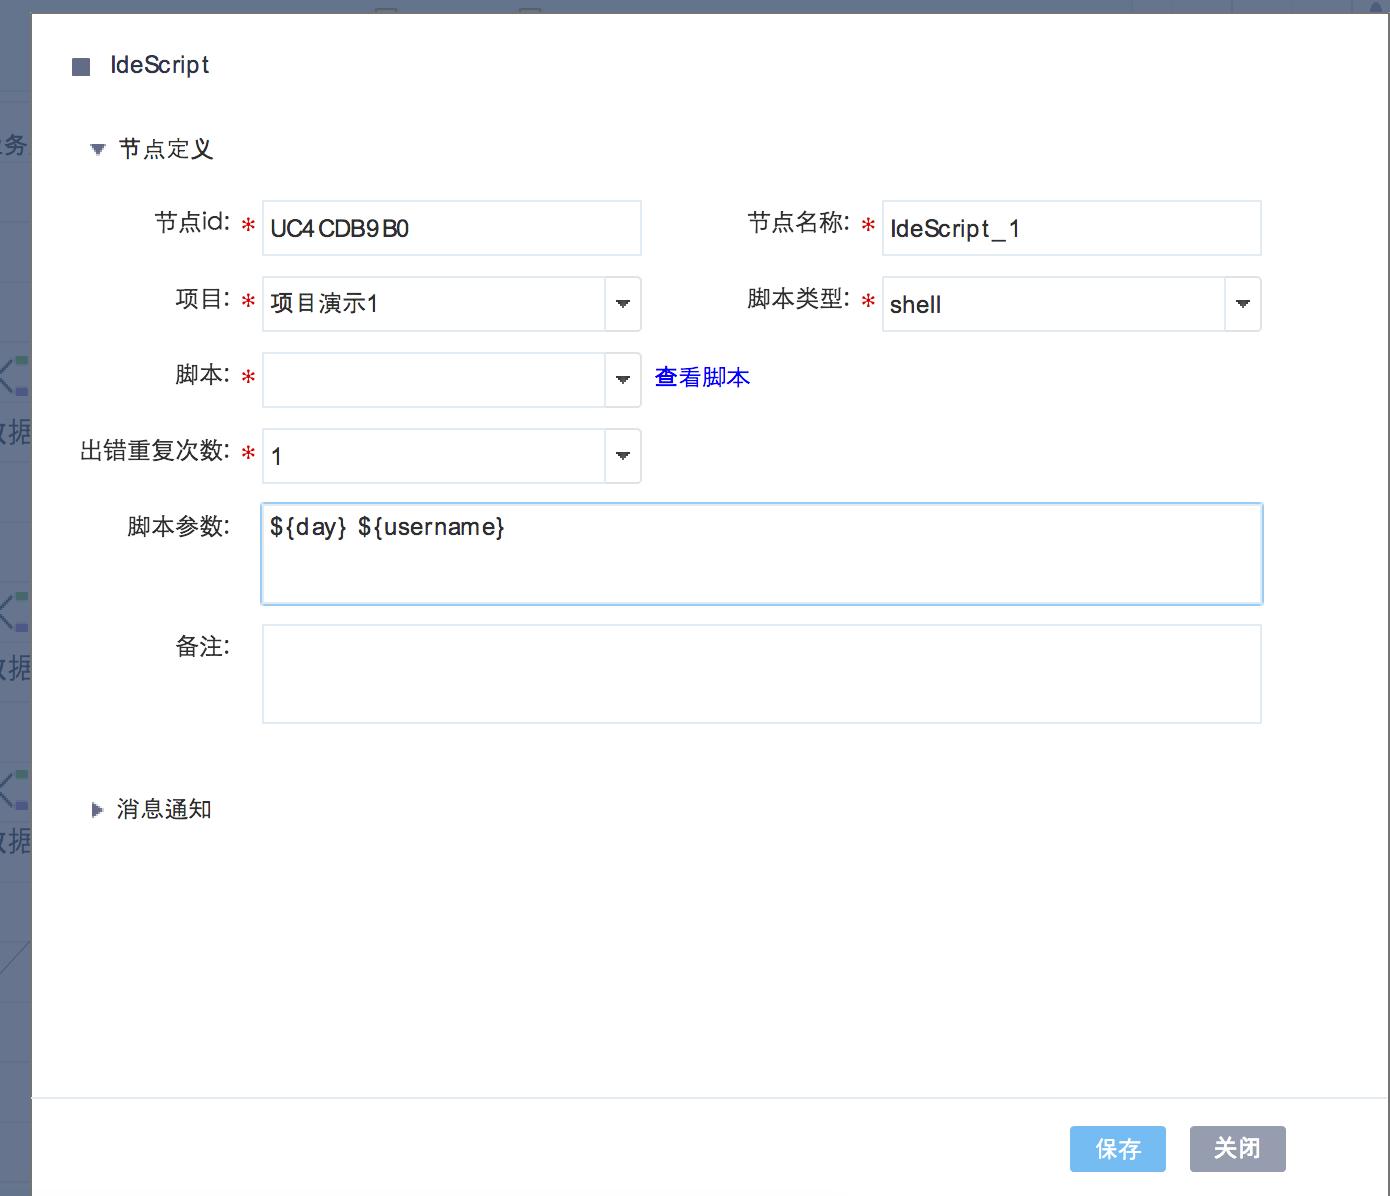 图 IDE Script节点界面.png